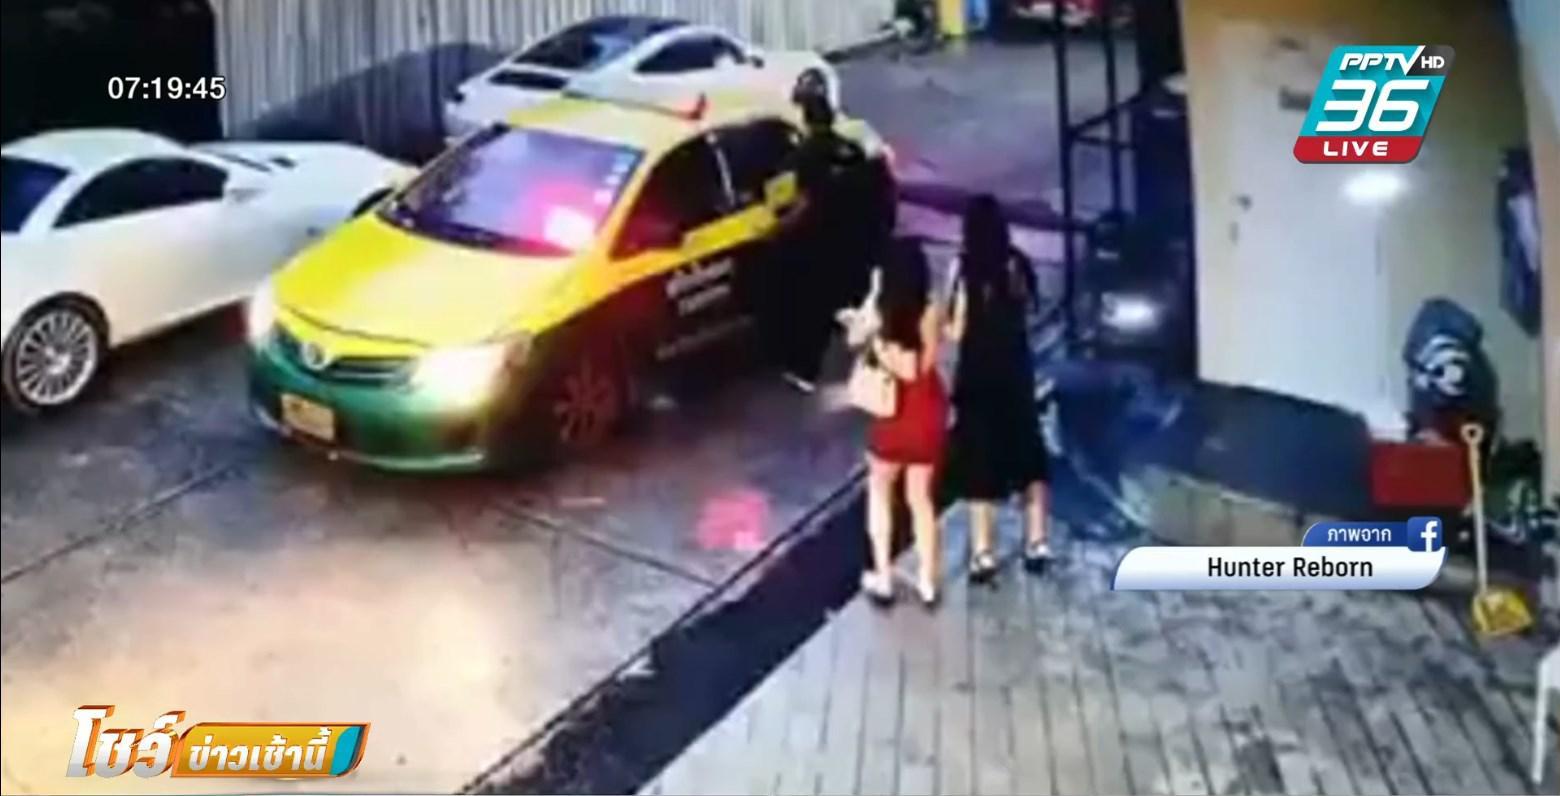 สาวเมา เผลอหลับบนแท็กซี่ ถูกรูดทรัพย์ไปกว่า 4 หมื่น